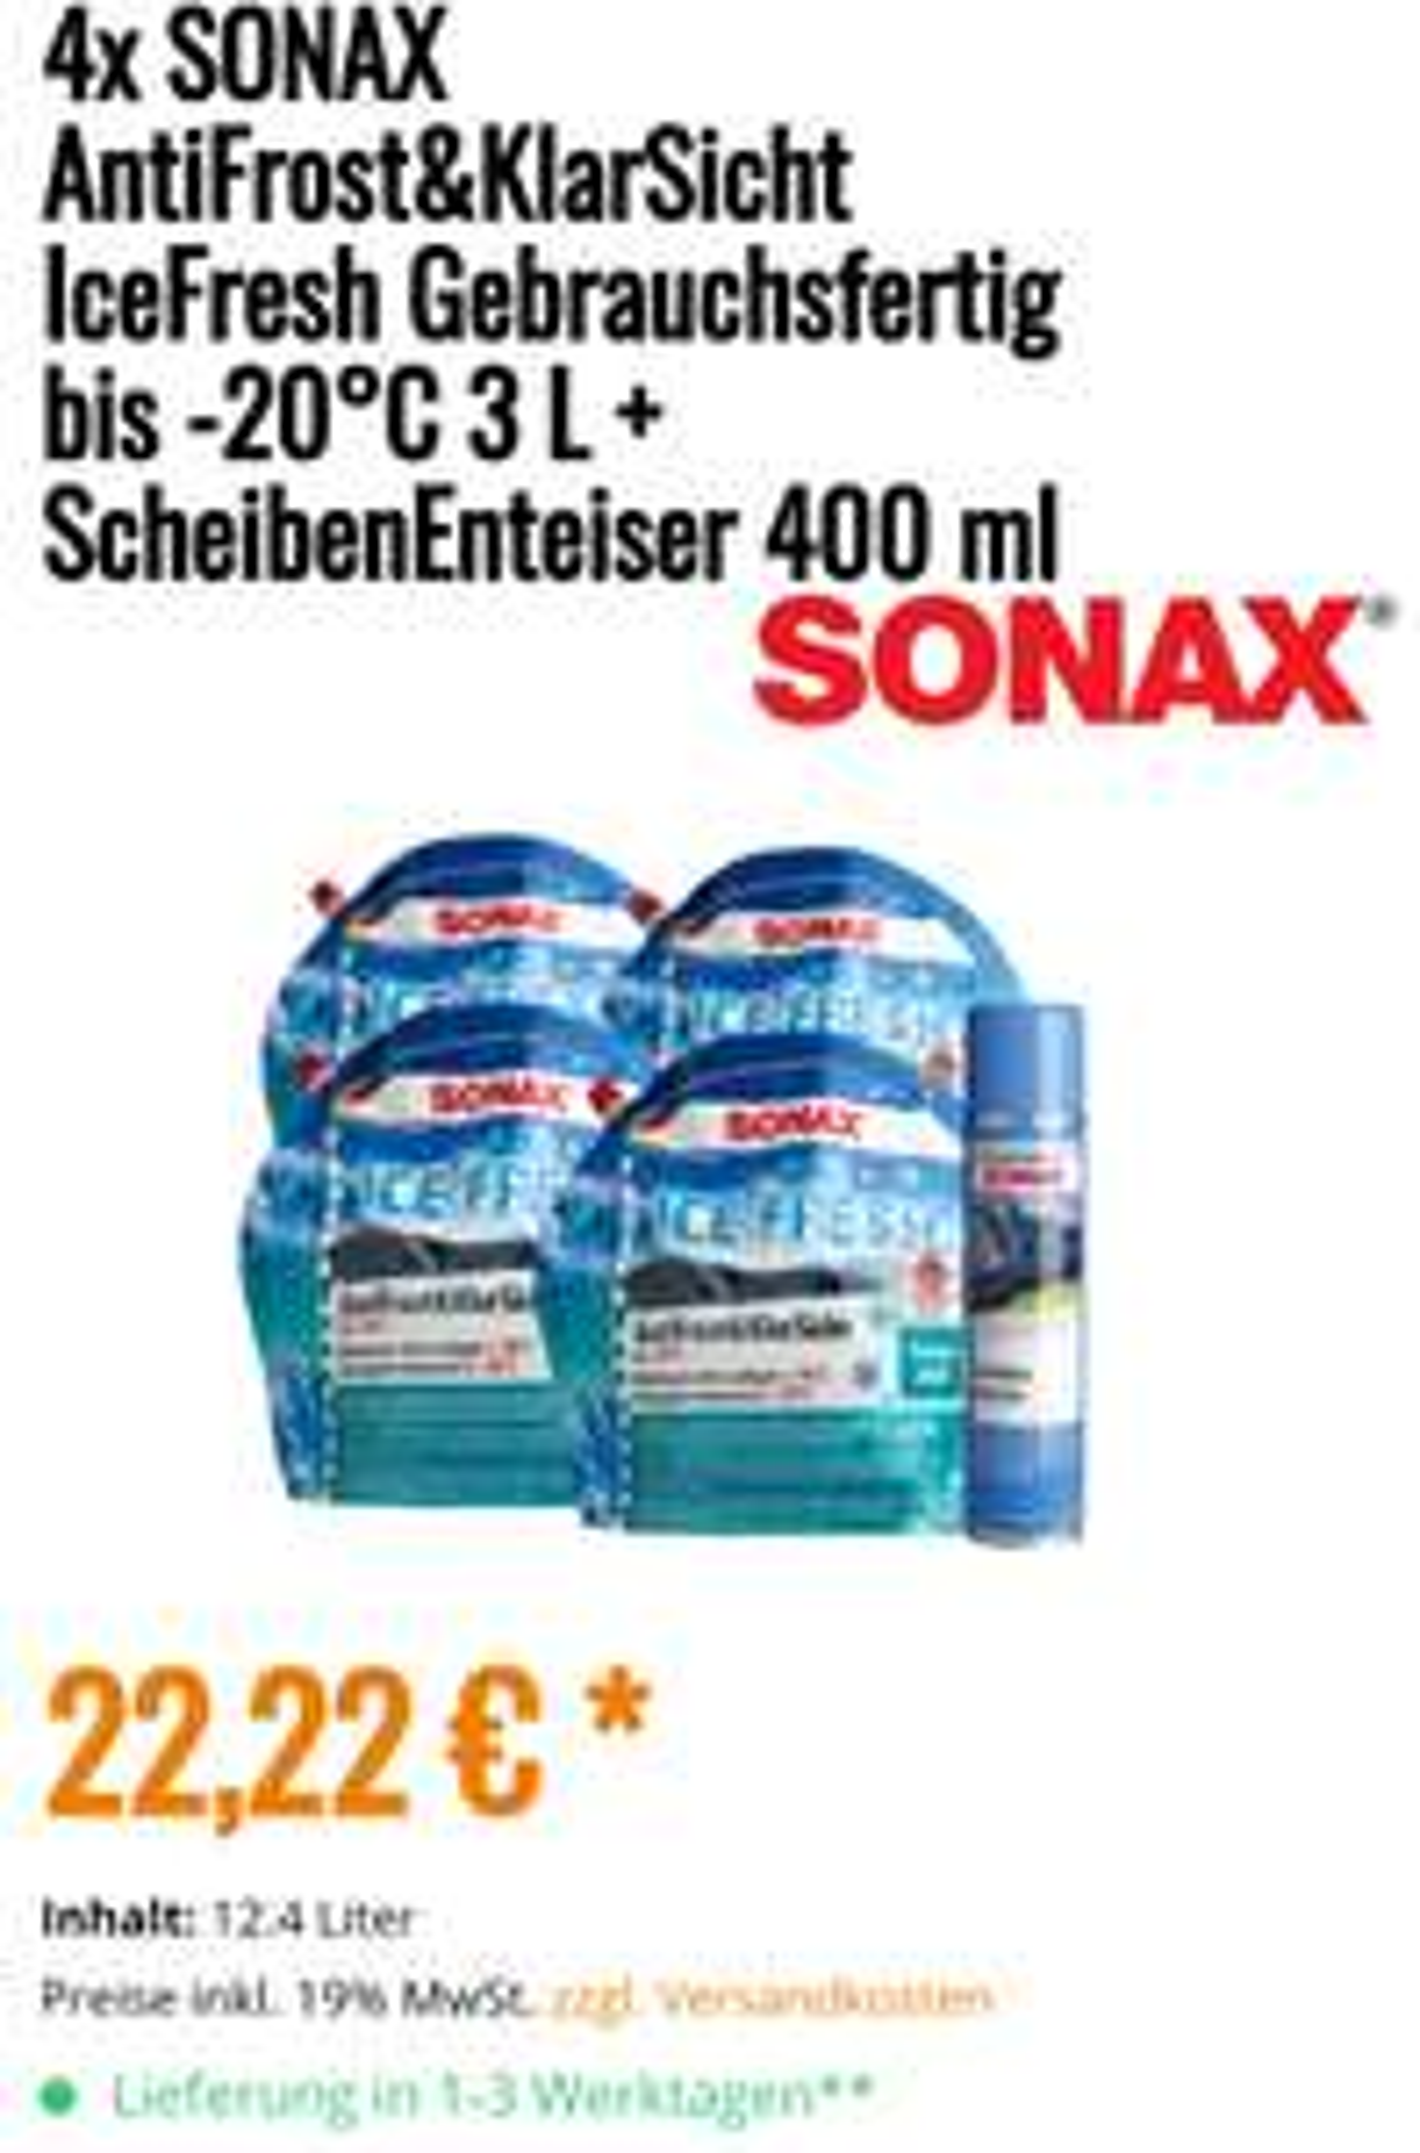 4x Sonax Antifrost & Klarsicht 3l + 1x Scheibenenteiser 400ml